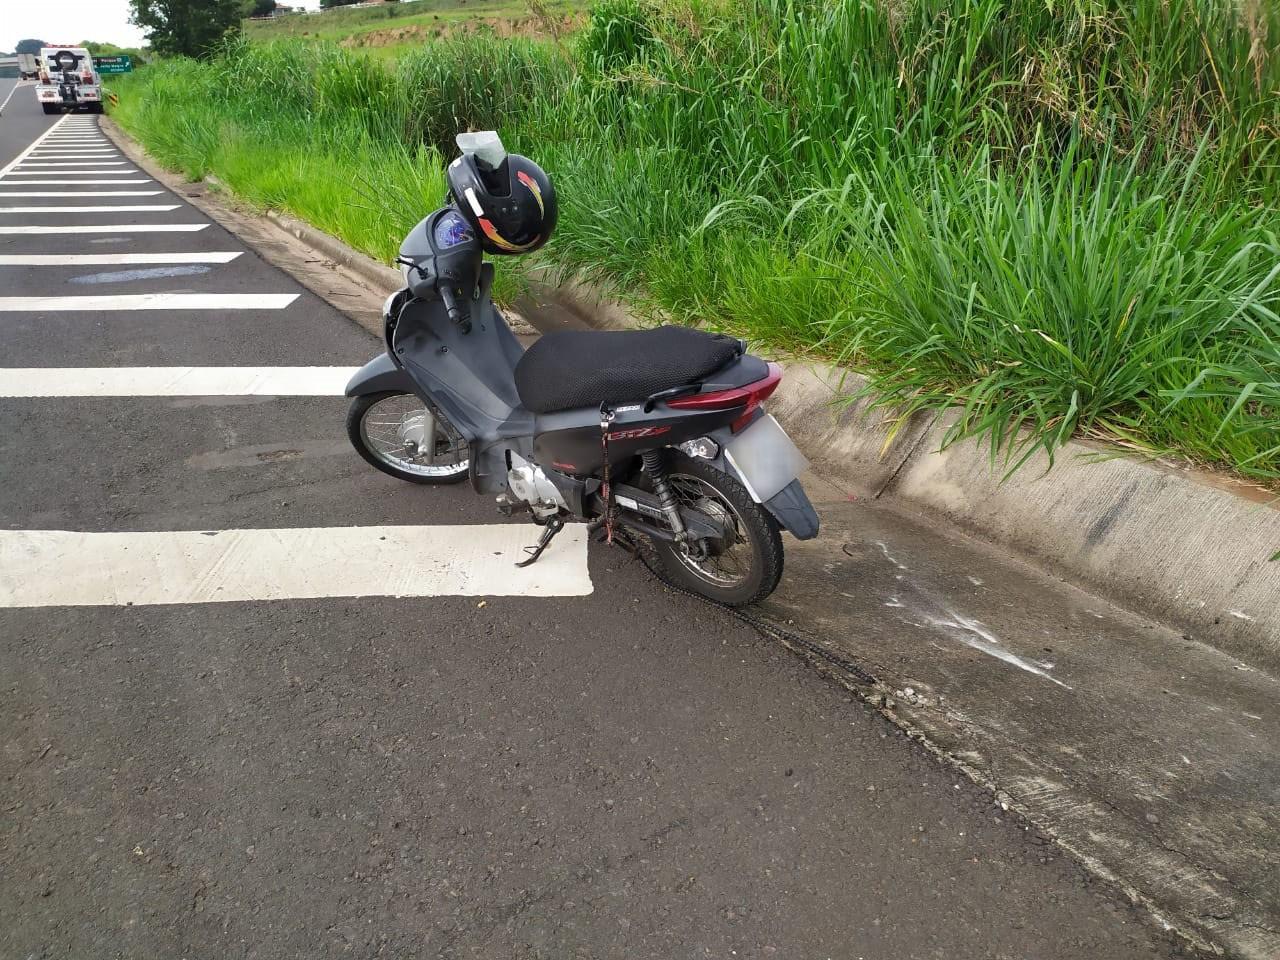 Motociclista fica em estado gravíssimo após se envolver em acidente com caminhão em Pirapozinho